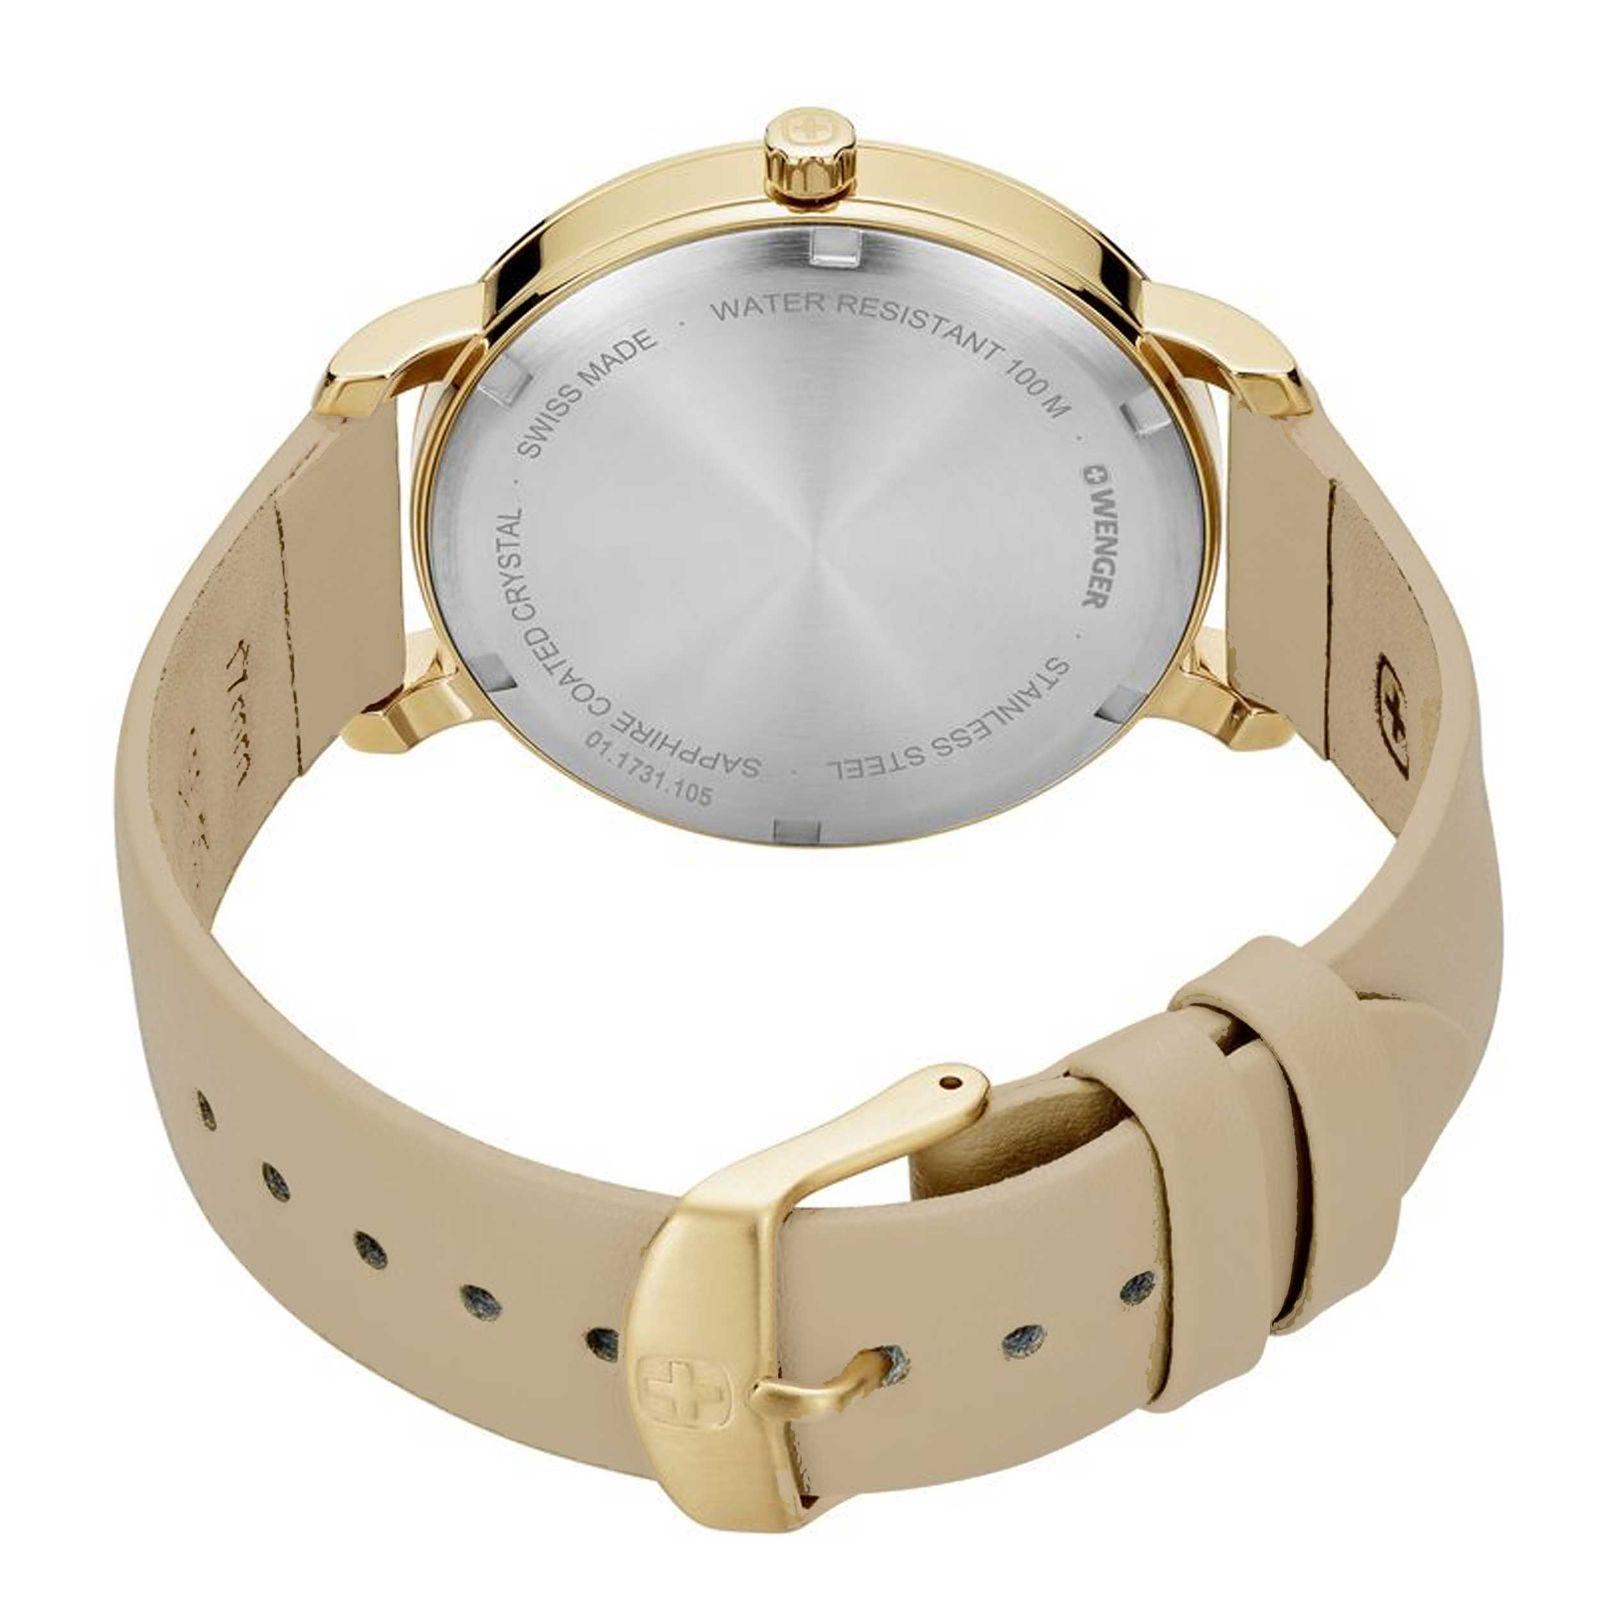 ساعت مچی عقربه ای مردانه ونگر مدل 01.1731.105 -  - 4